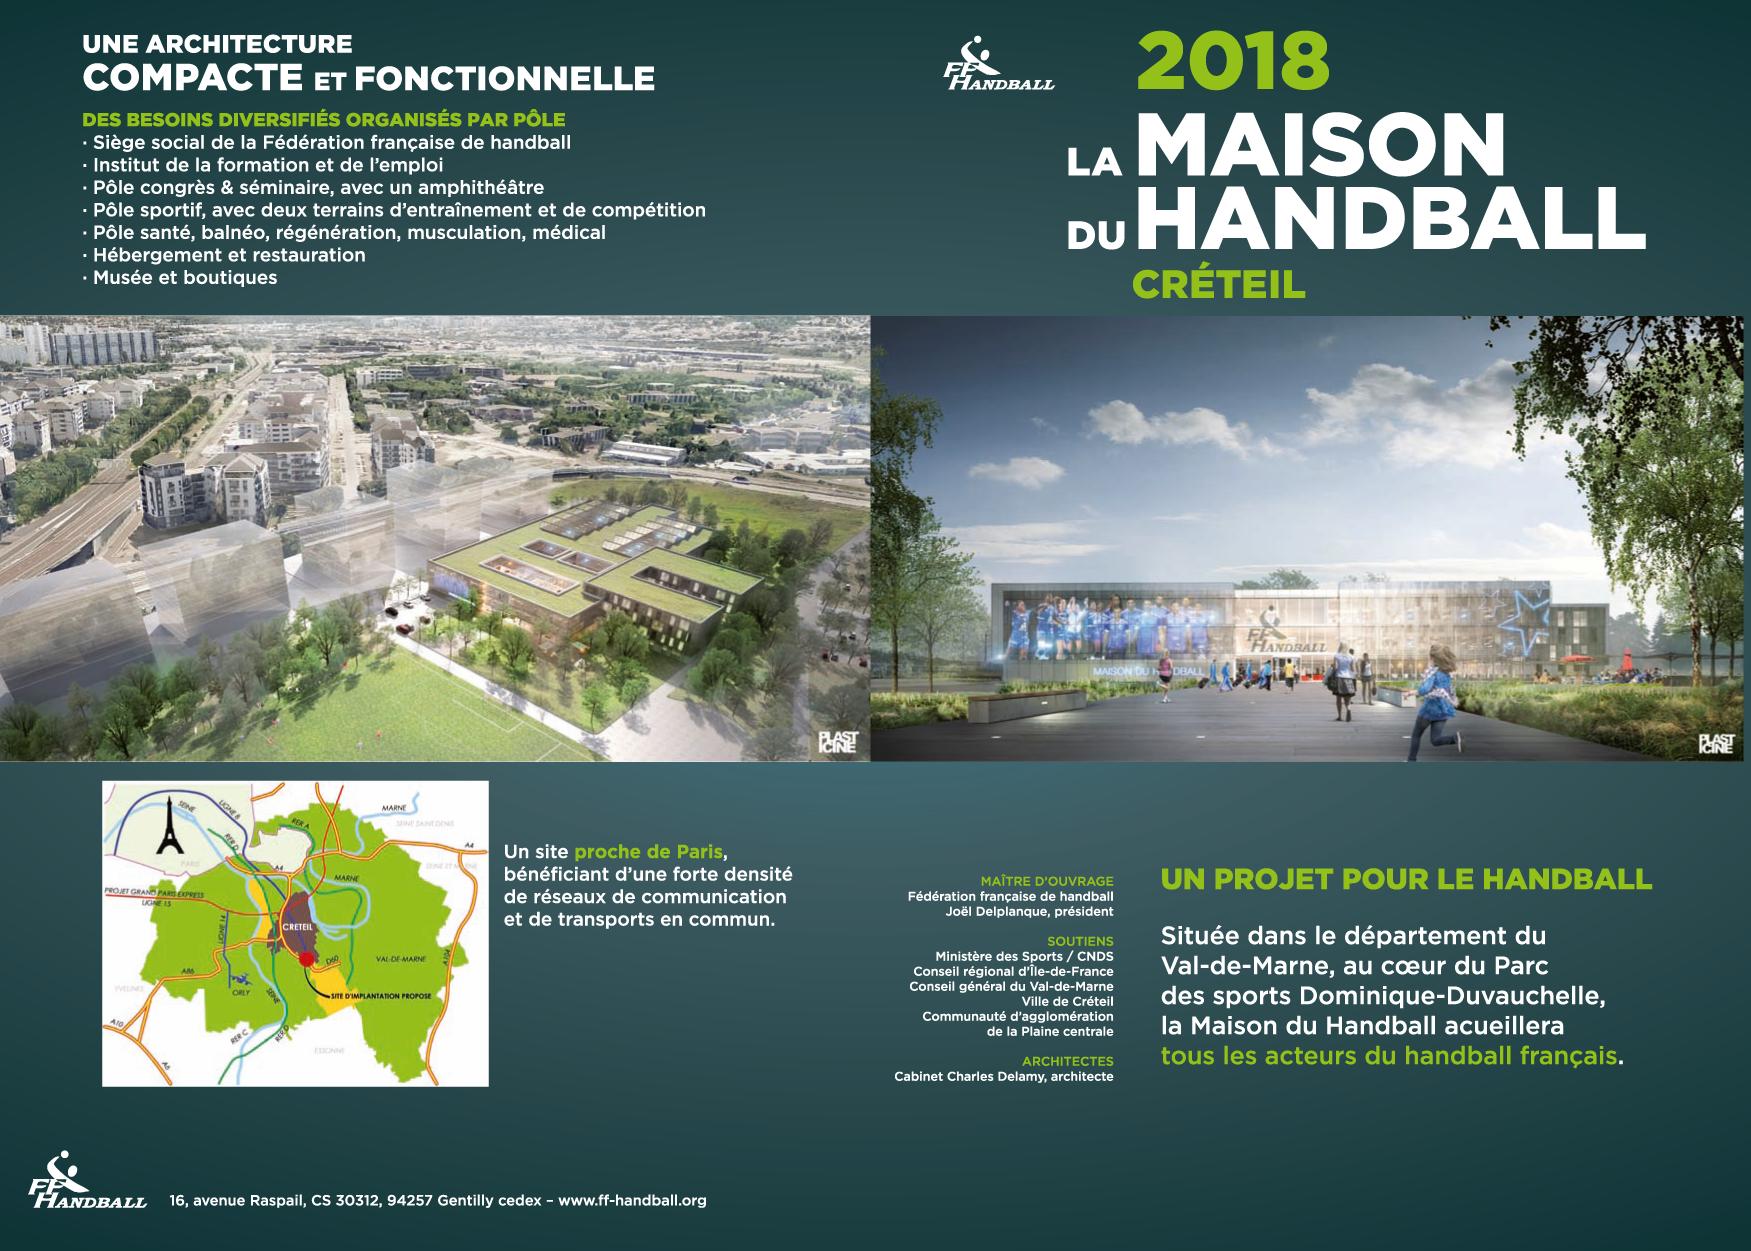 Grand National Car 2015 >> La Maison du Handball à Créteil d'ici 2018 pour un coût total de 41,5 millions d'euros